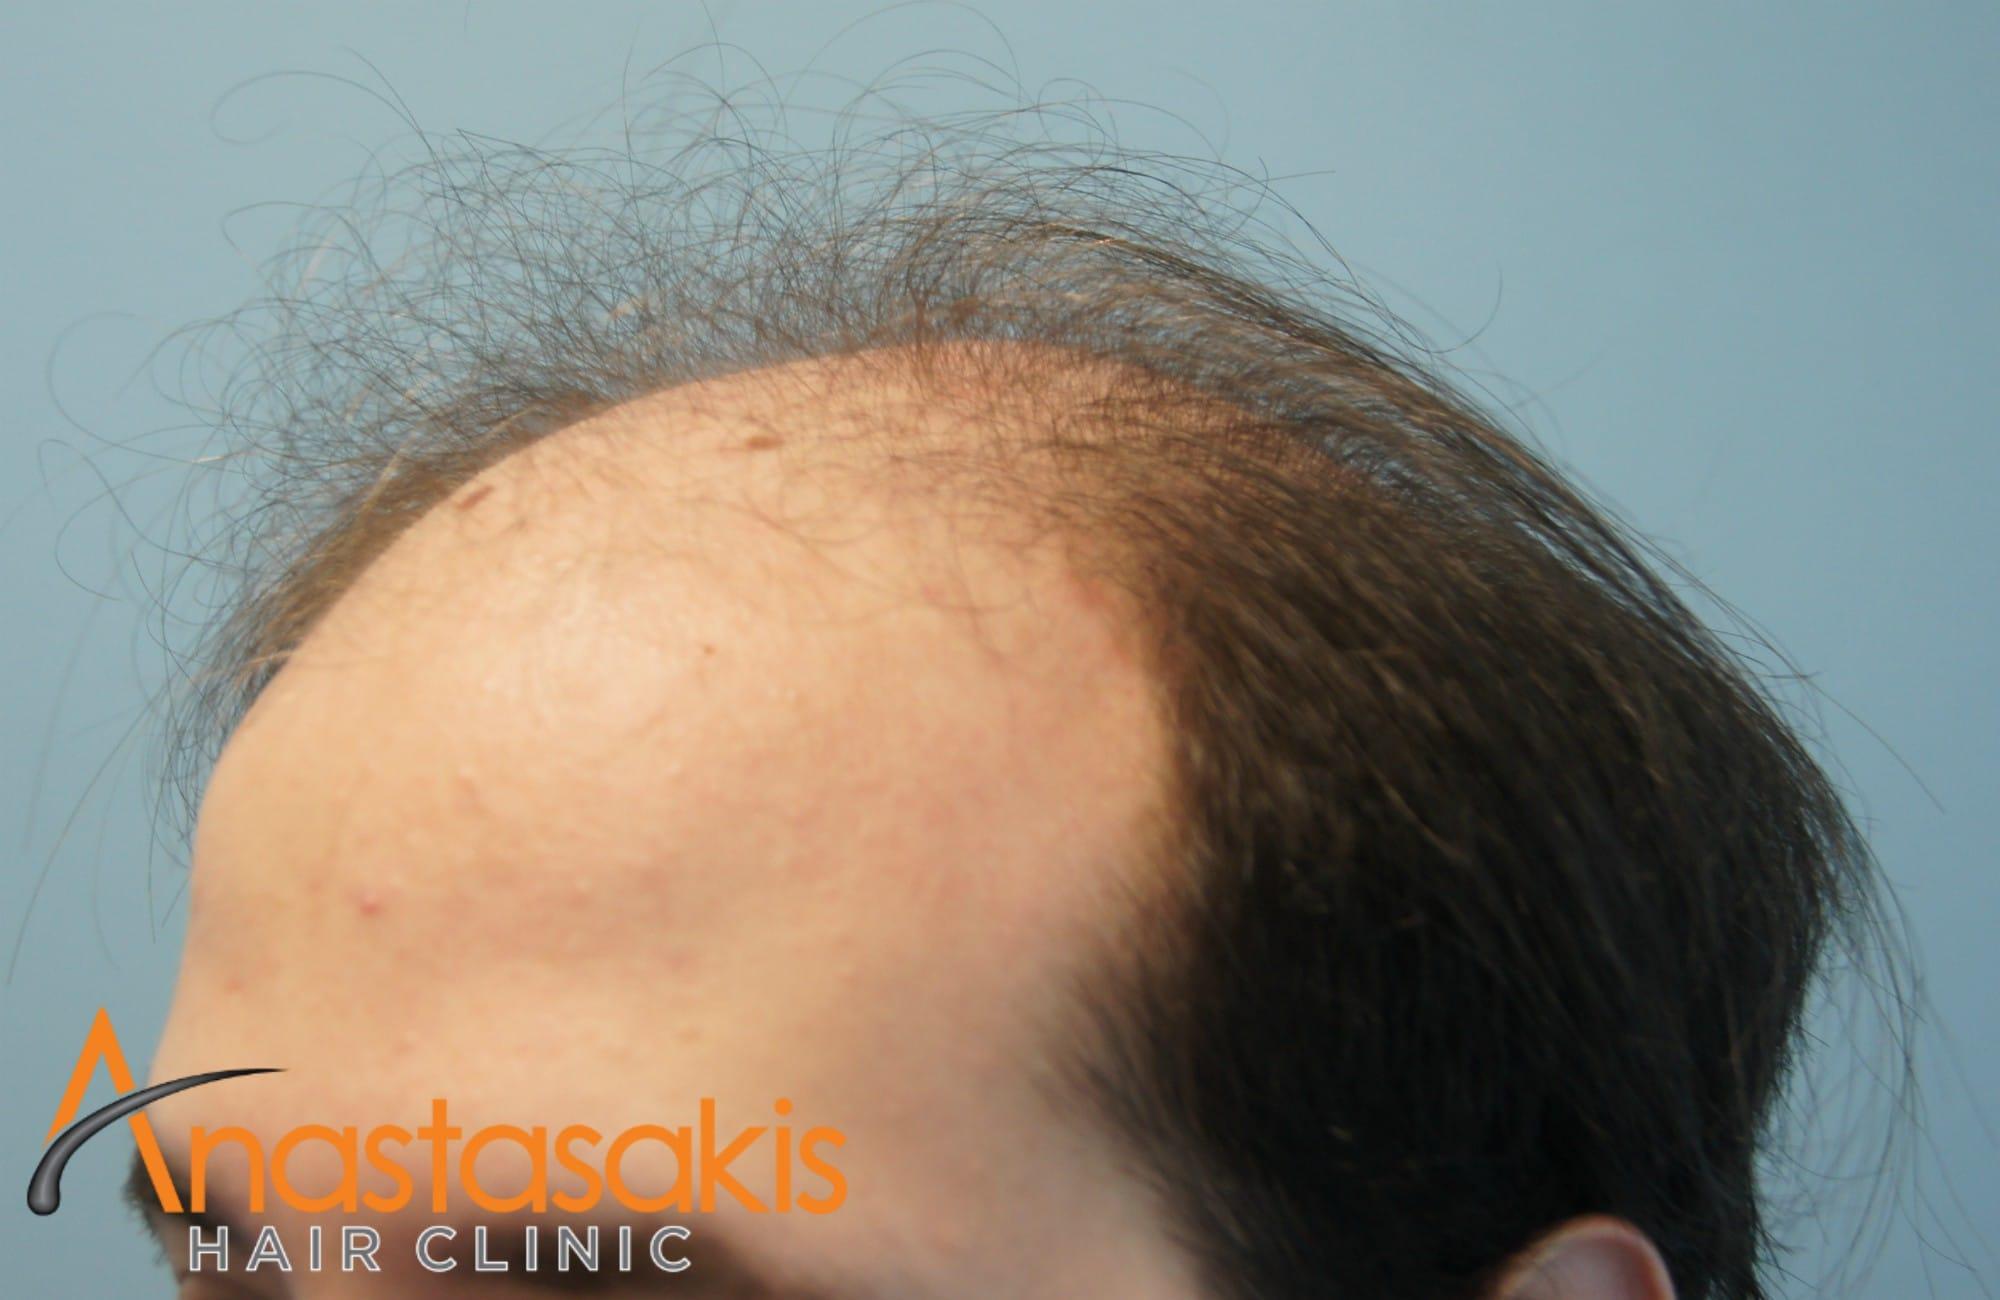 δεξι προφιλ ασθενους πριν τη μεταμοσχευση μαλλιων με 3500 fus